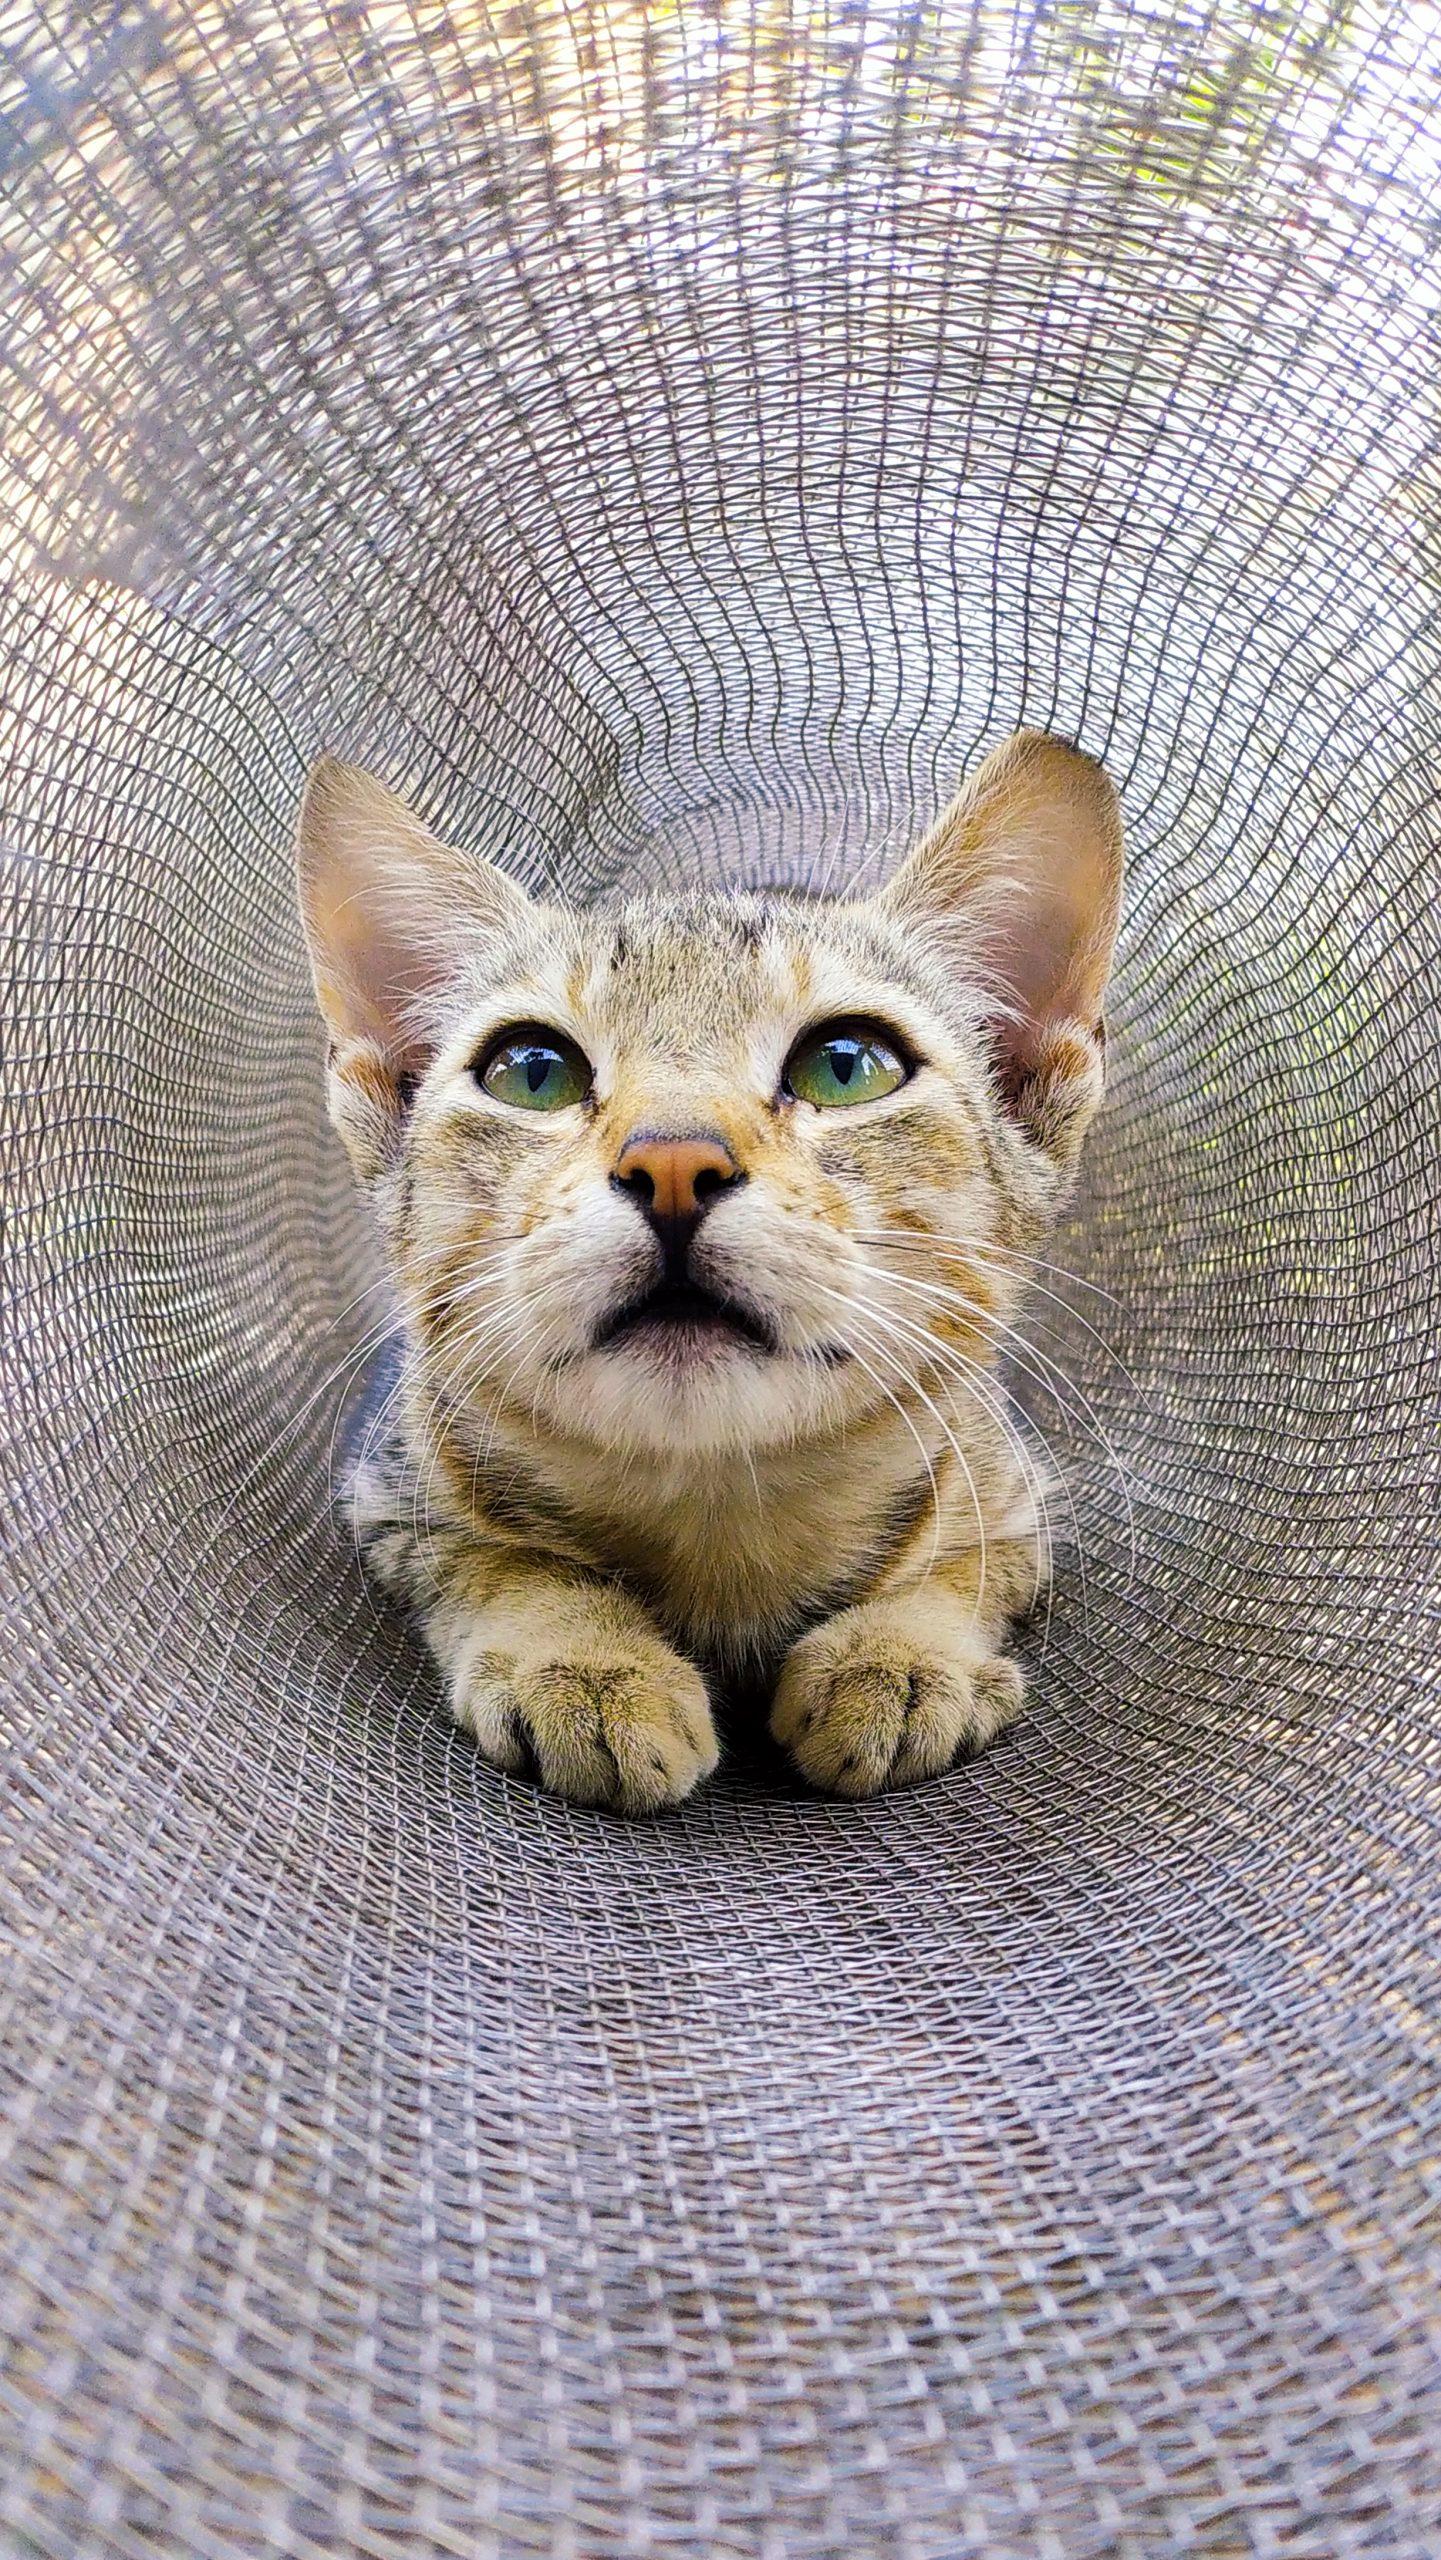 A cat on net